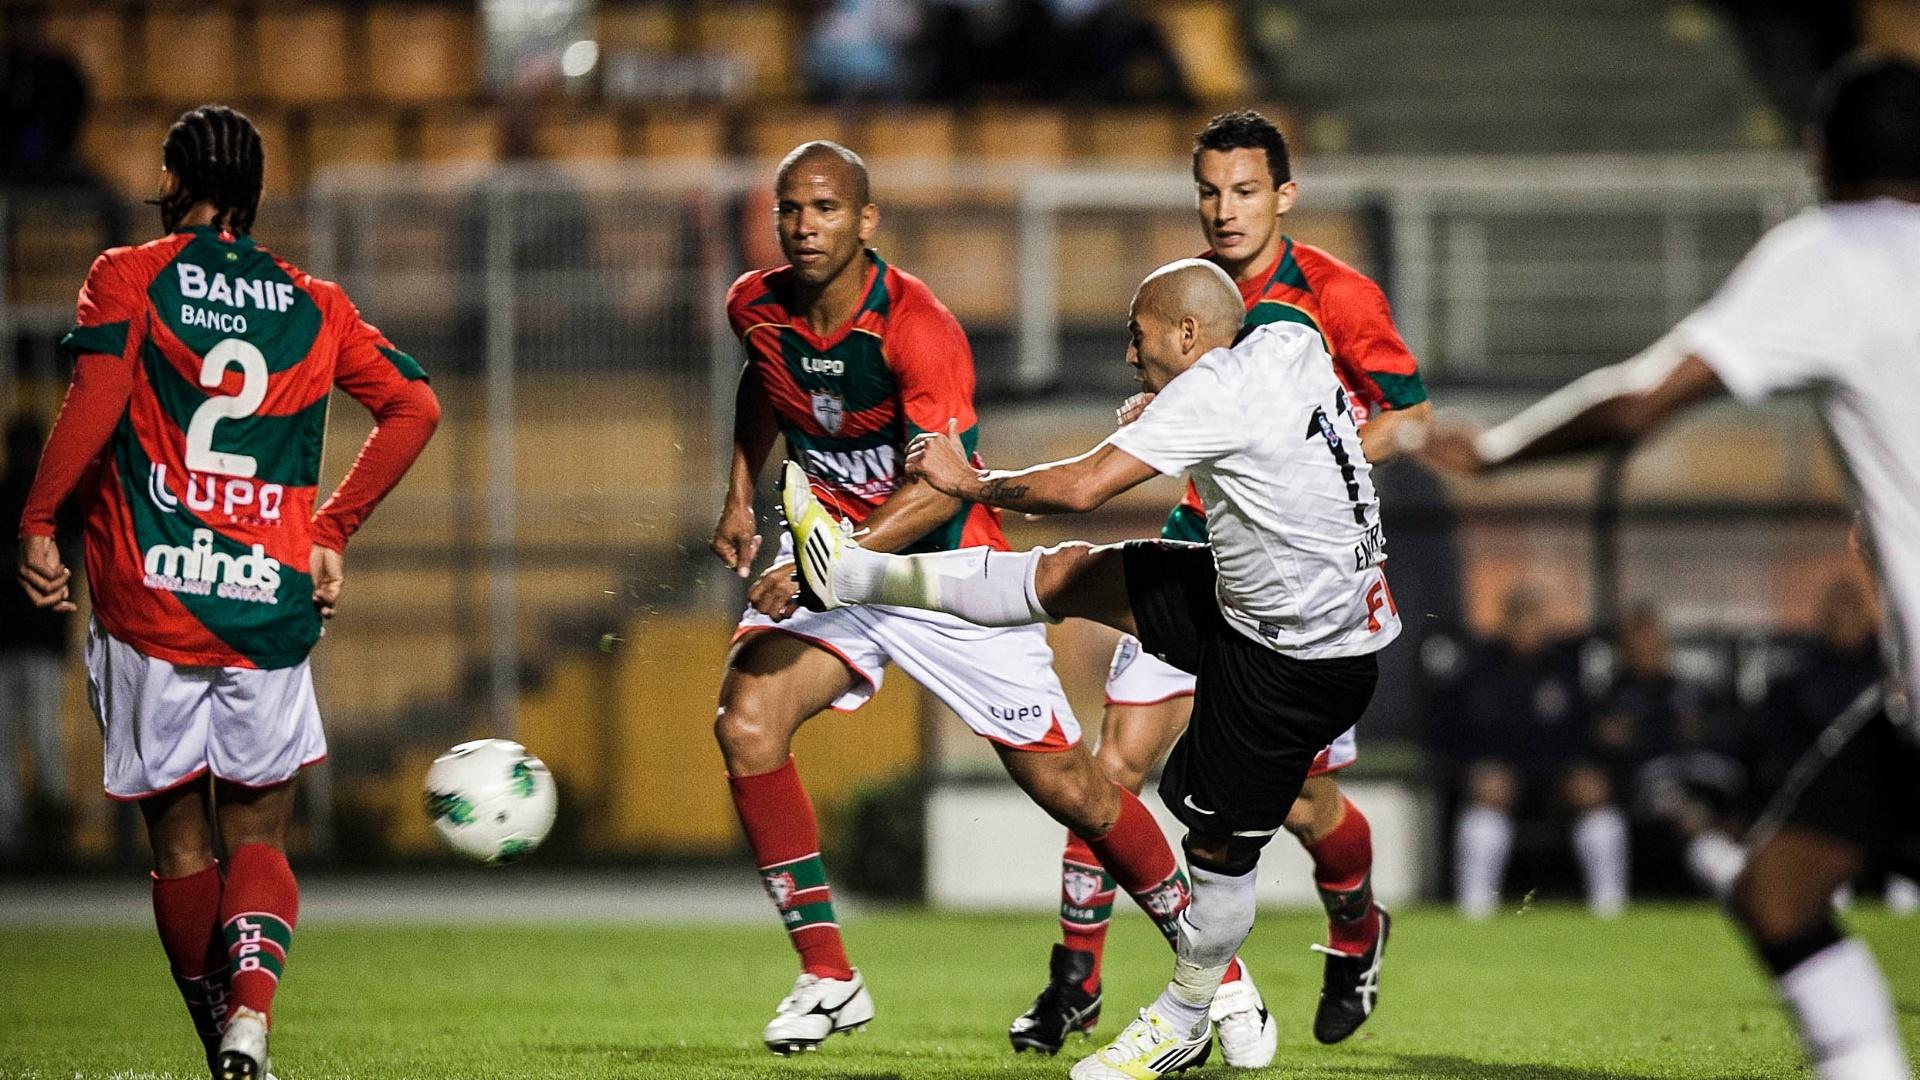 Atacante corintiano Emerson tenta o chute entre zagueiros da Portuguesa